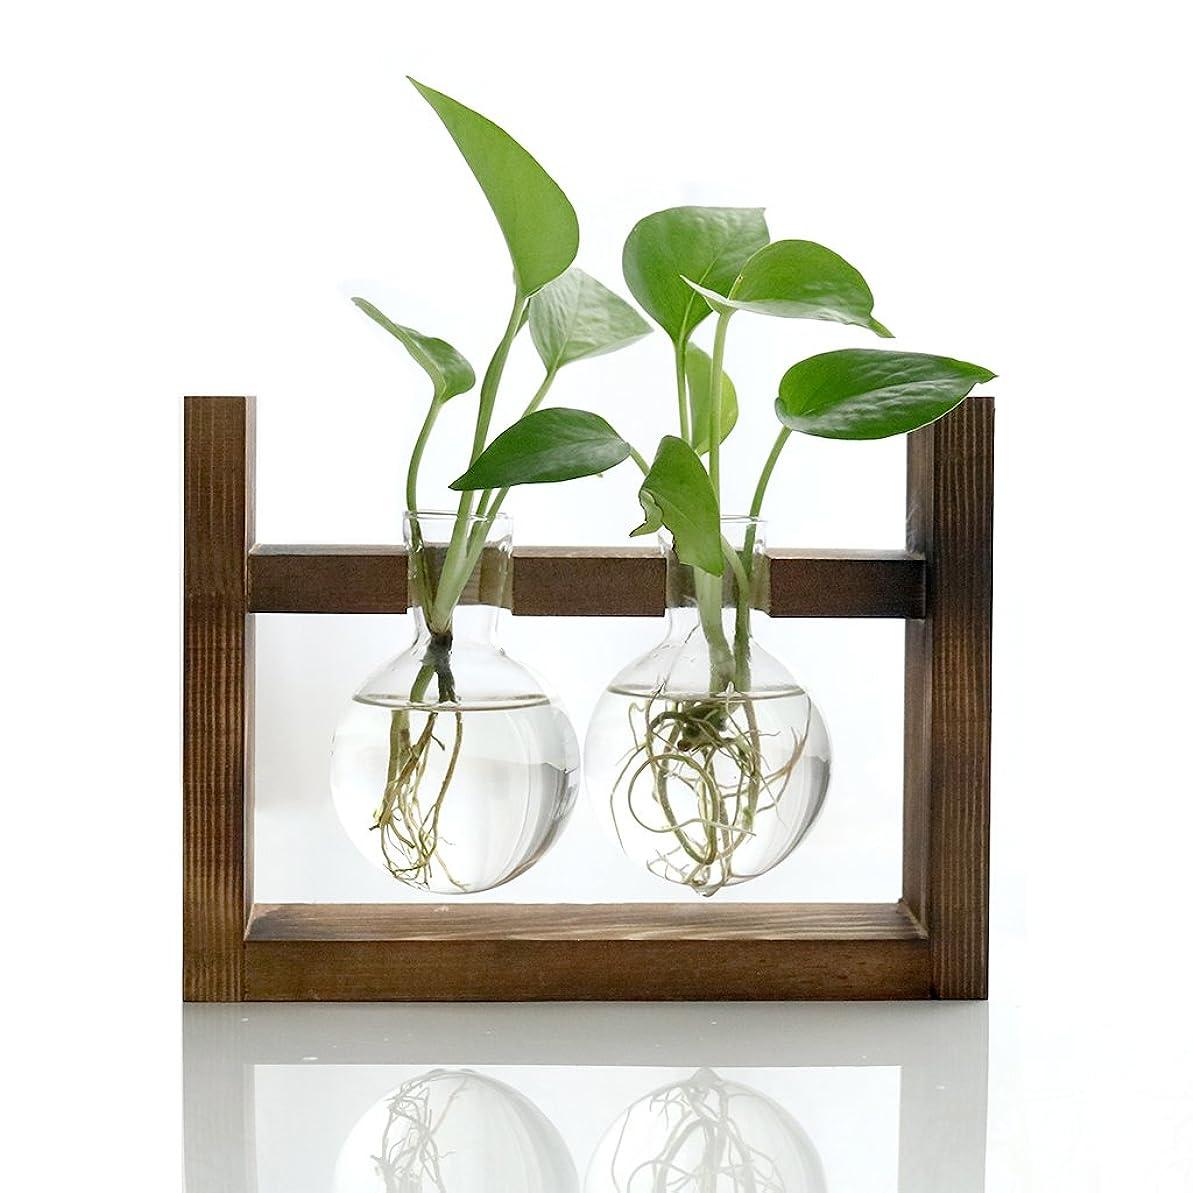 線キャッシュいろいろIvolador ヴィンテージ 花器 水耕栽培 レトロ 卓上花瓶 フラスコ 型 花瓶 木製枠 ガラス瓶 店飾り 部屋インテリア(瓶2つ)